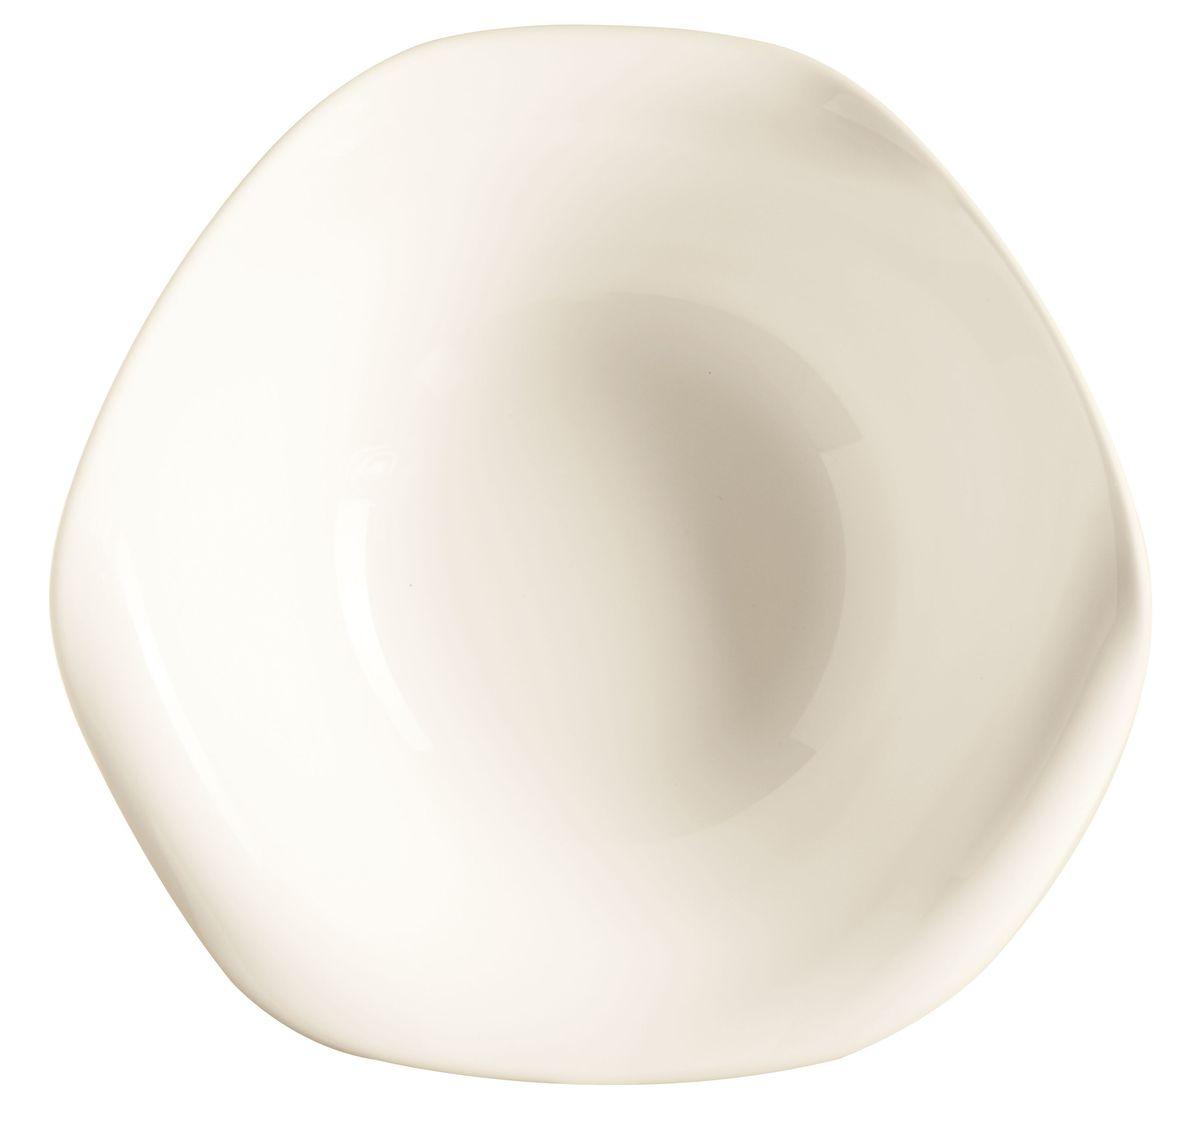 Тарелка Luminarc Volare, диаметр 27 смE9171Тарелка классической формы Luminarc Volare, диаметром 27 см, дополнит любой кухонный набор. Тарелка белоснежного цвета изготовлена из высококачественного ударопрочного стекла, которое не впитывает запахи и обладает антибактериальными свойствами. Посуду Luminarc можно мыть в посудомоечной машине и использовать в микроволновой печи.